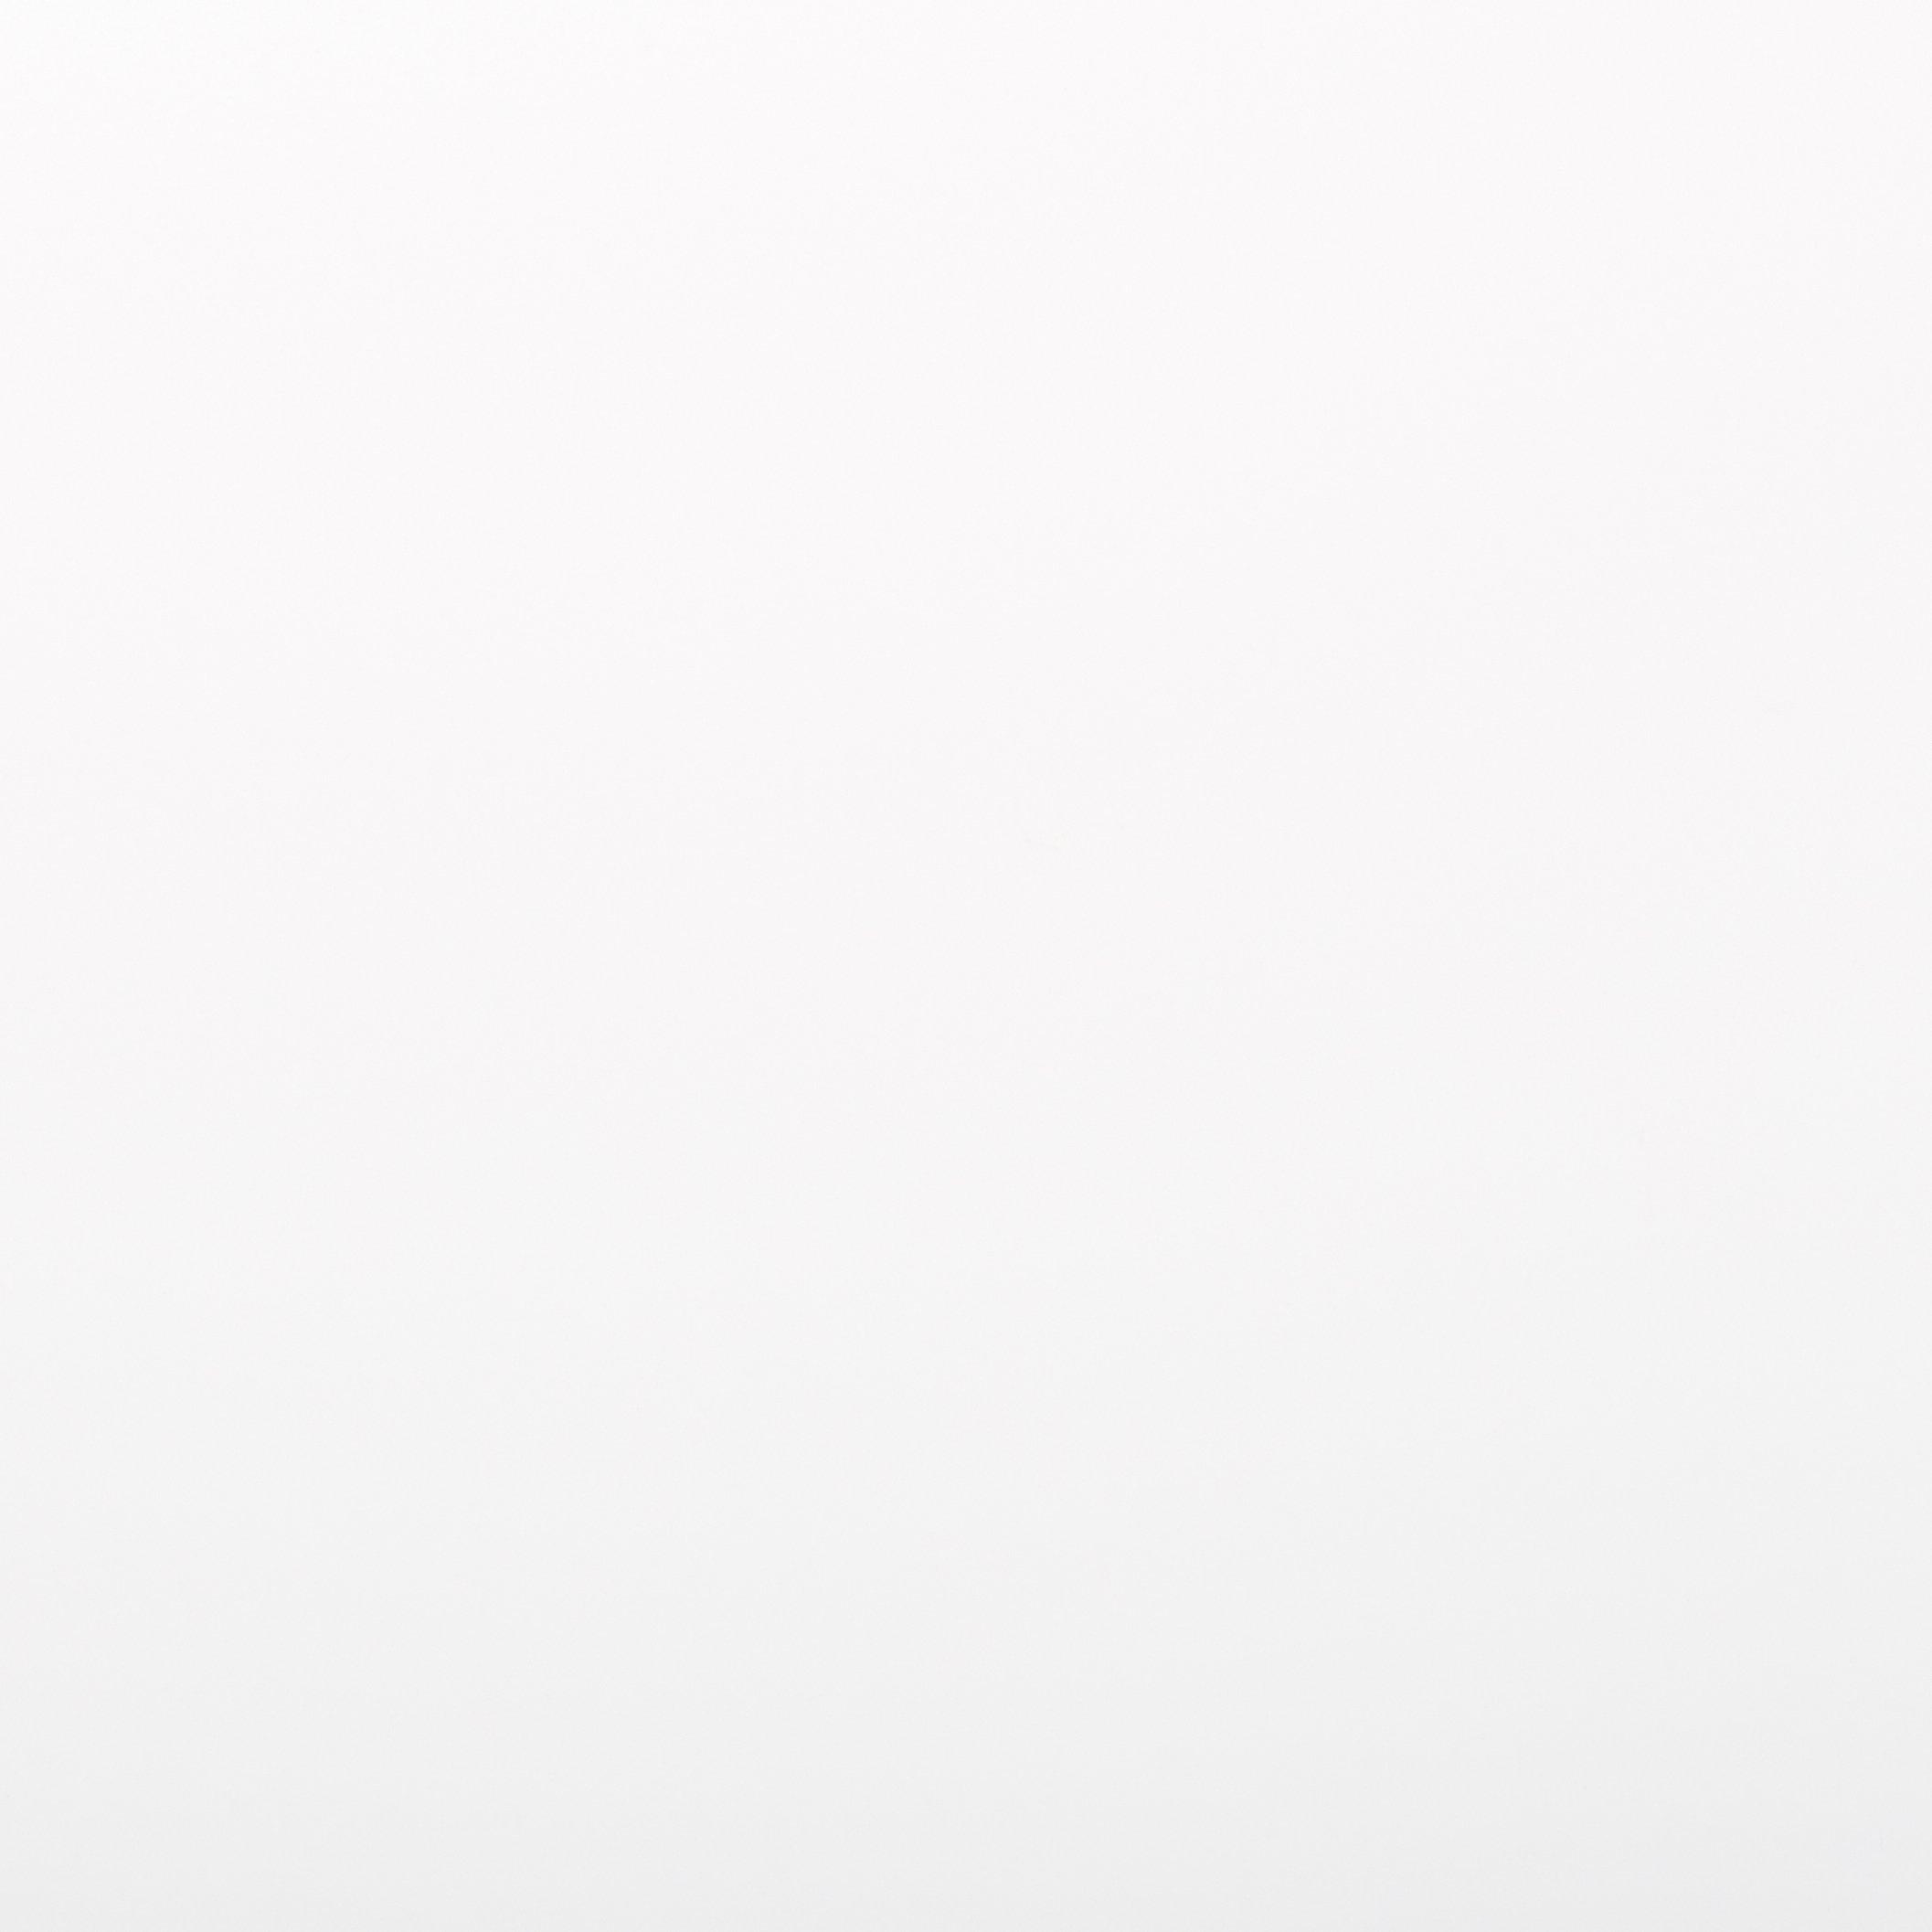 Sauder 414434 Pogo 3-Drawer Chest, L: 30.08'' x W: 19.37'' x H: 47.01'', Soft White finish